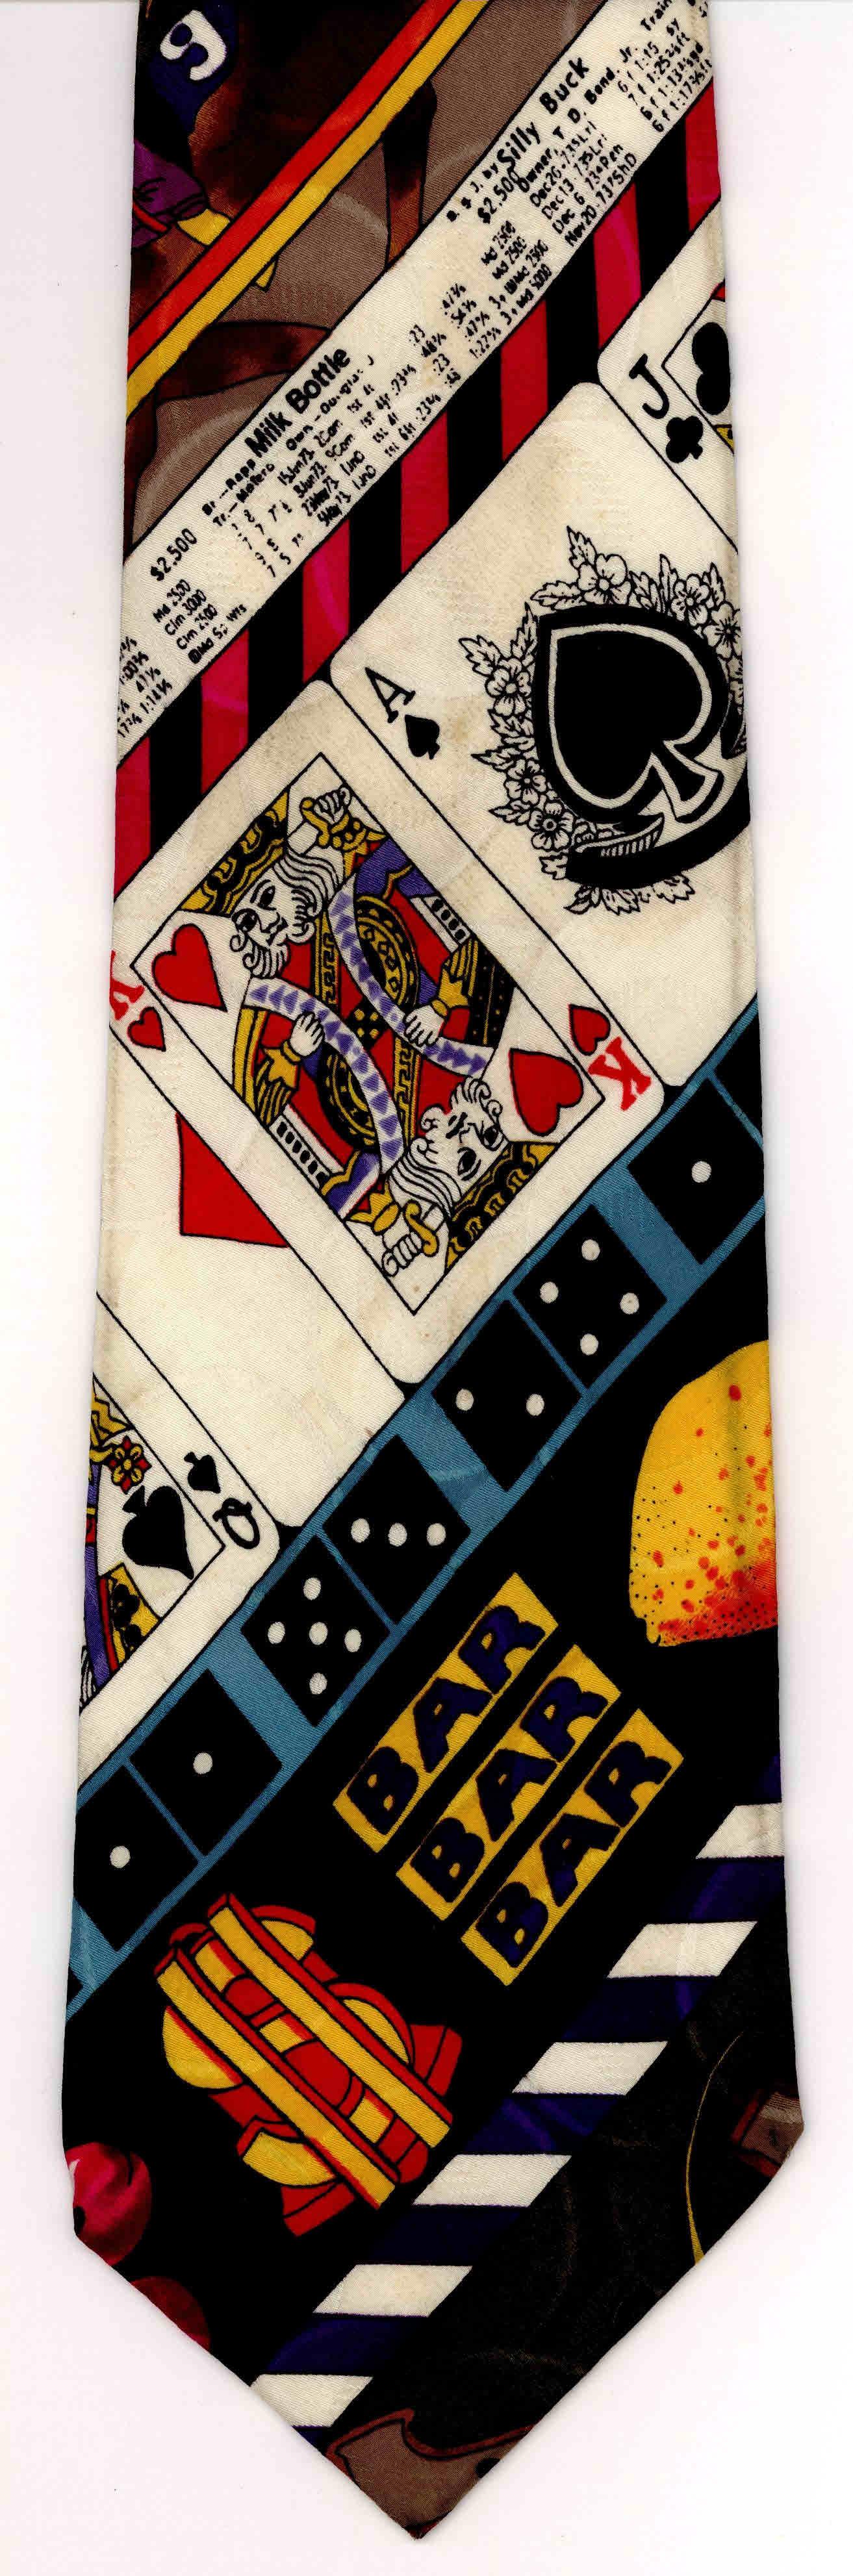 070 NM Casino.jpg